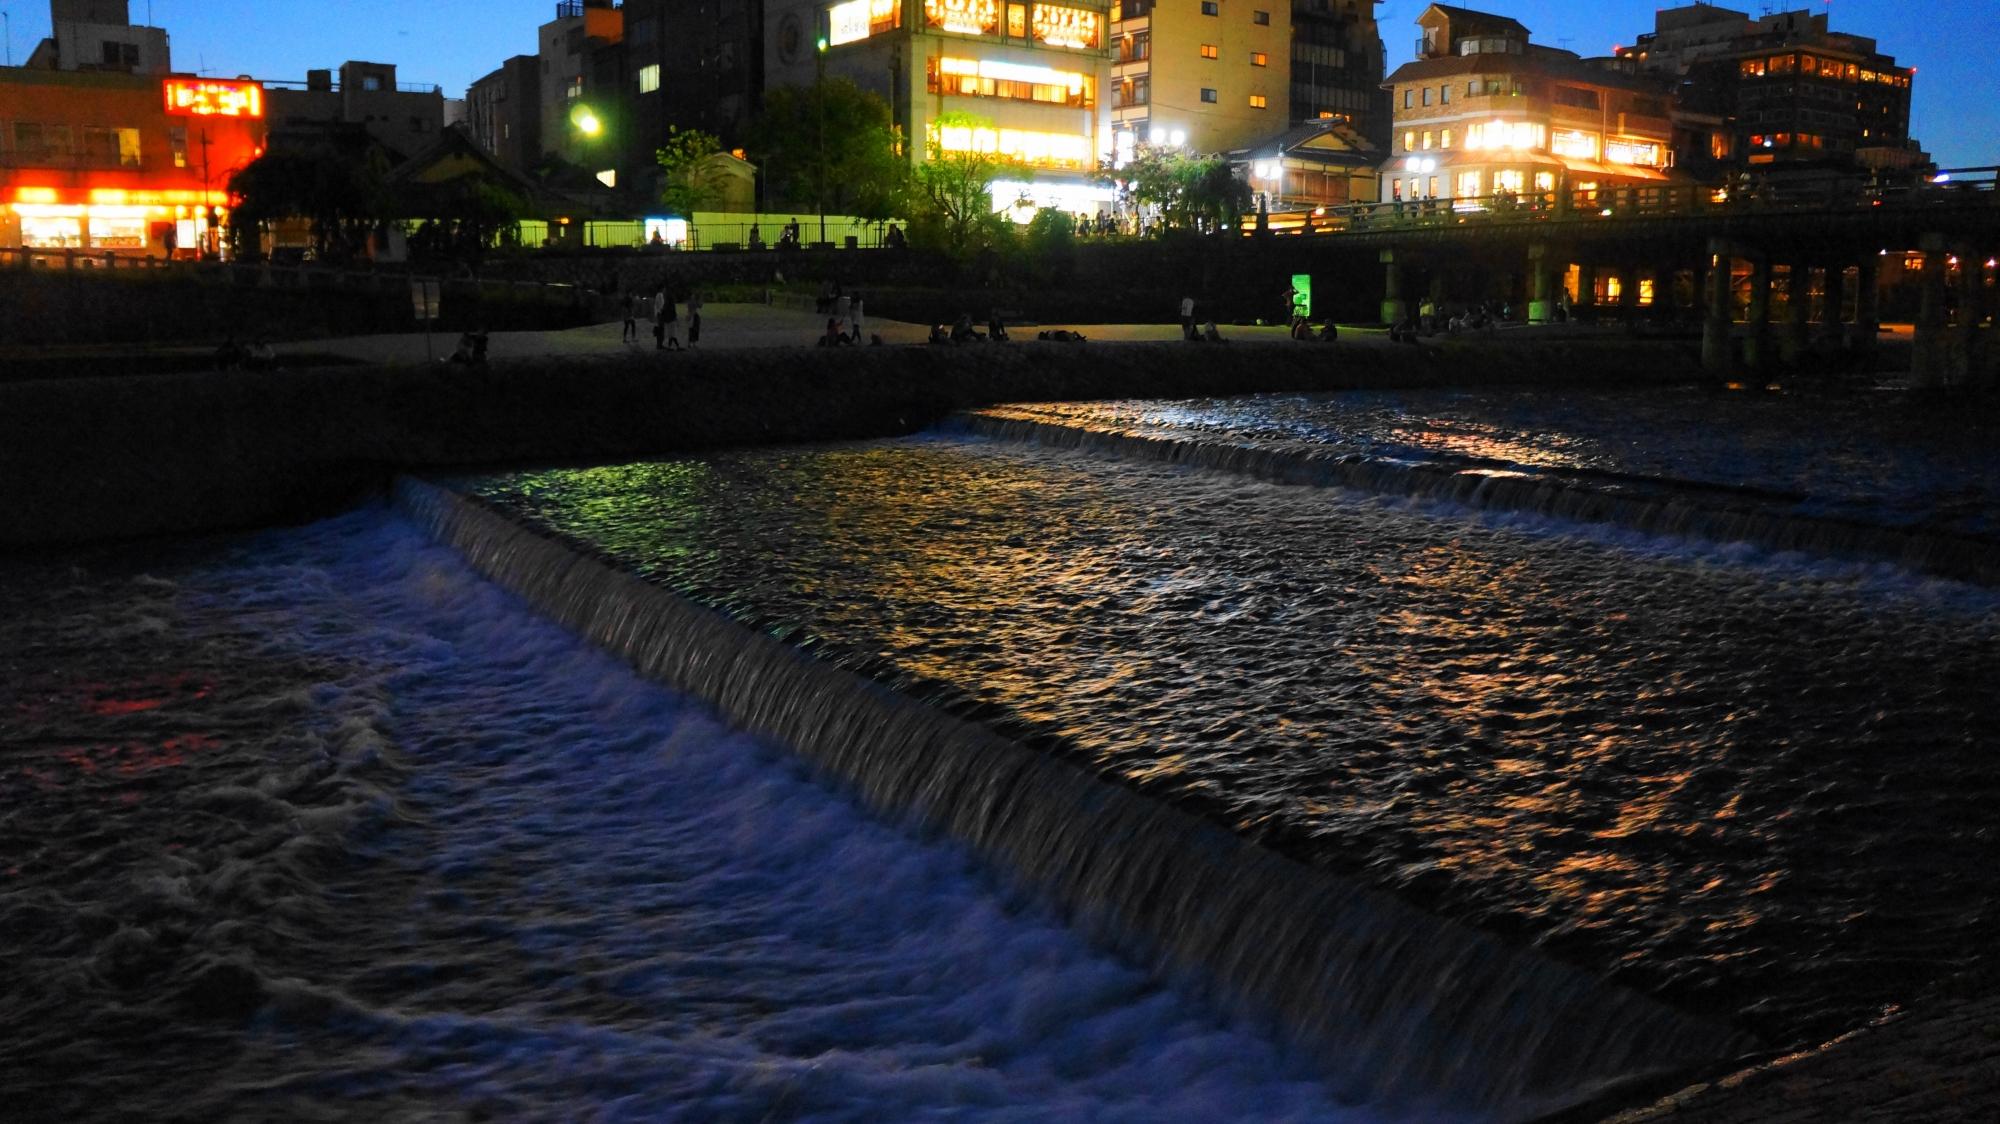 京都鴨川の三条大橋付近の幻想的な夕暮れの情景